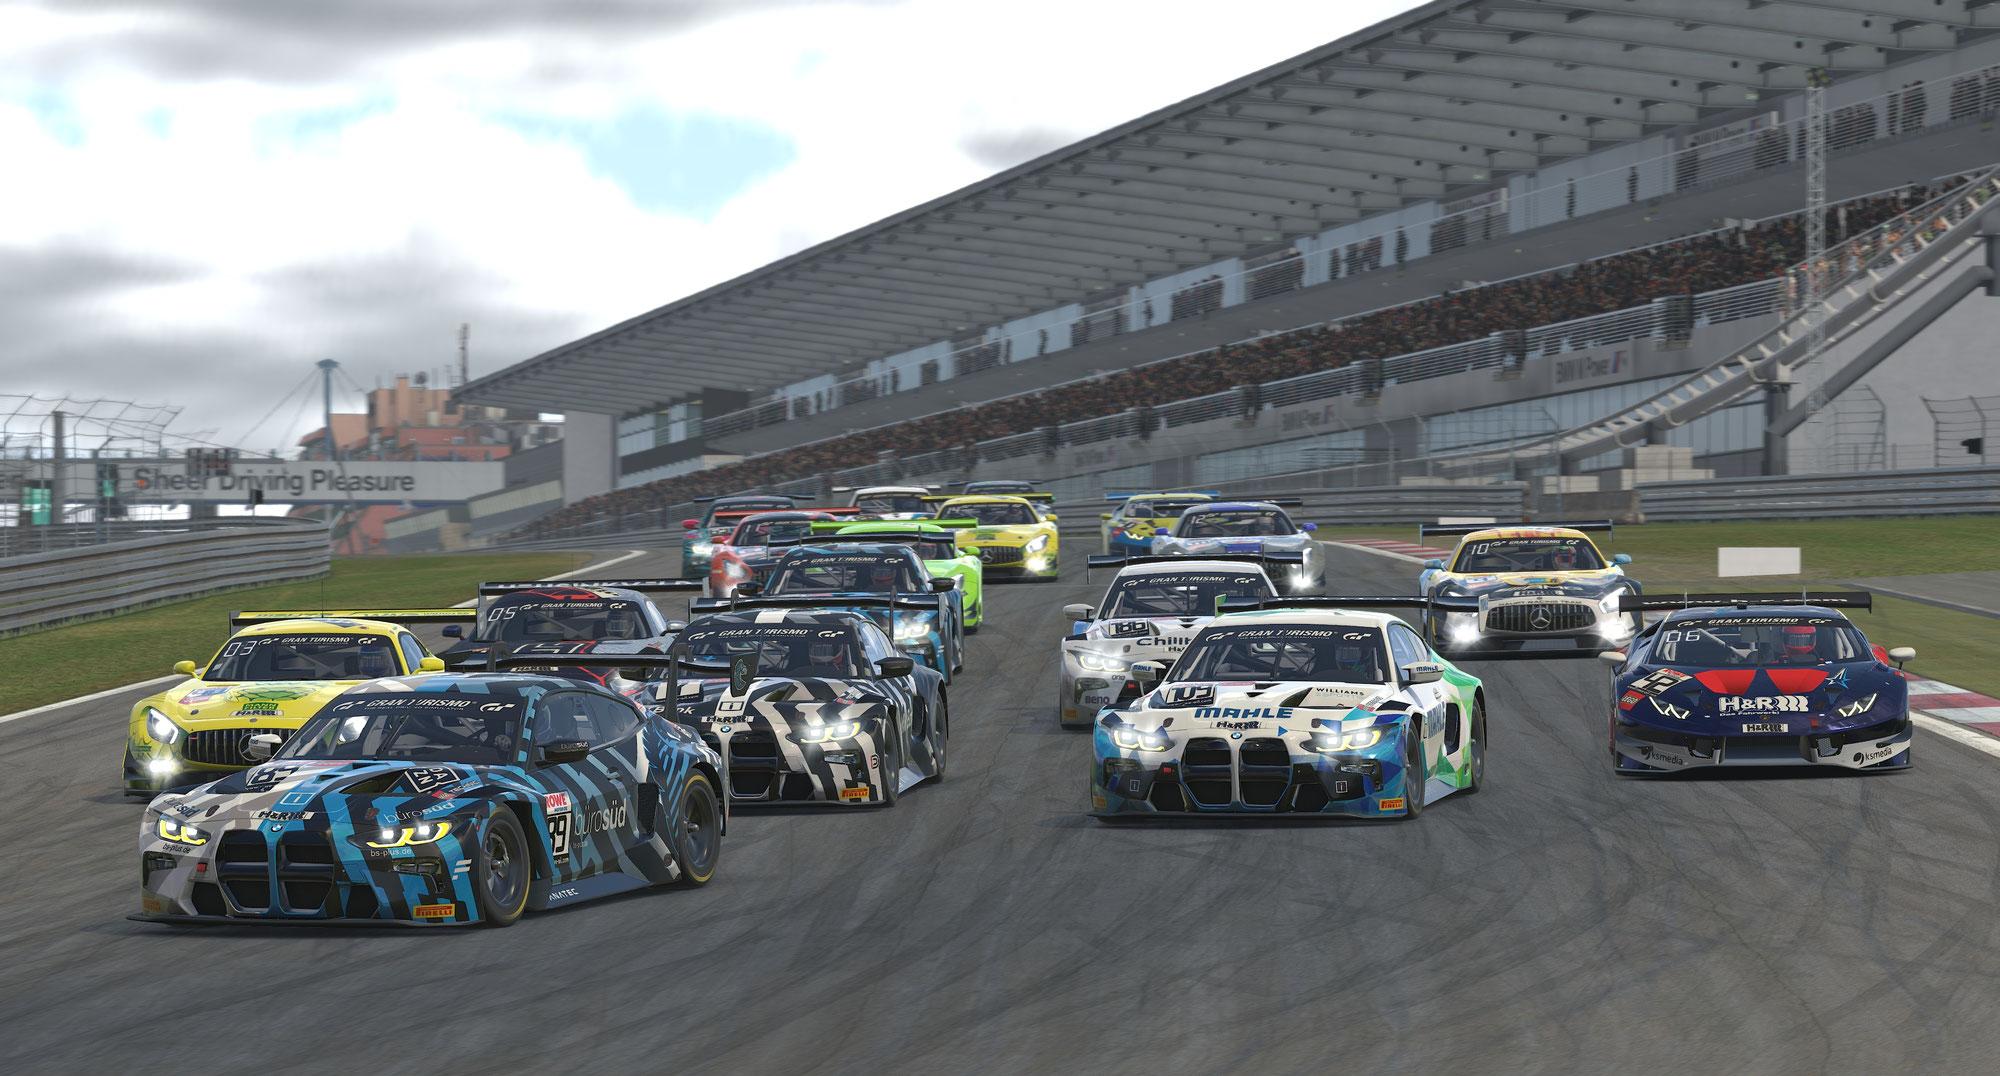 Termine für die dritte Saison der Digitalen Nürburgring Langstrecken-Serie presented by Goodyear stehen fest